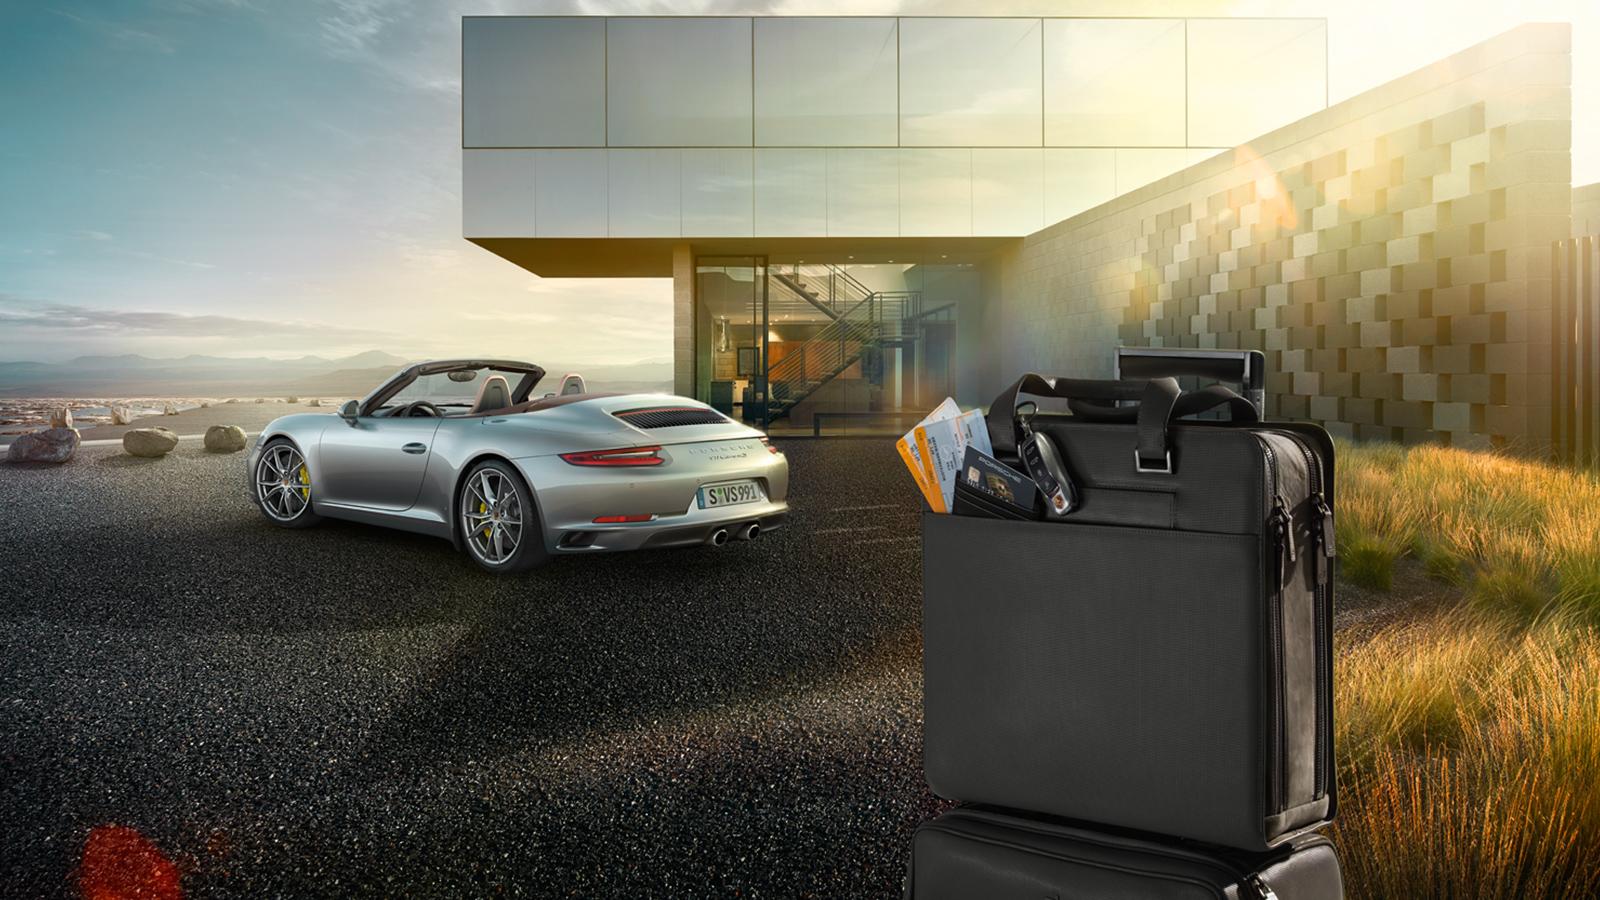 Porsche Financial Services